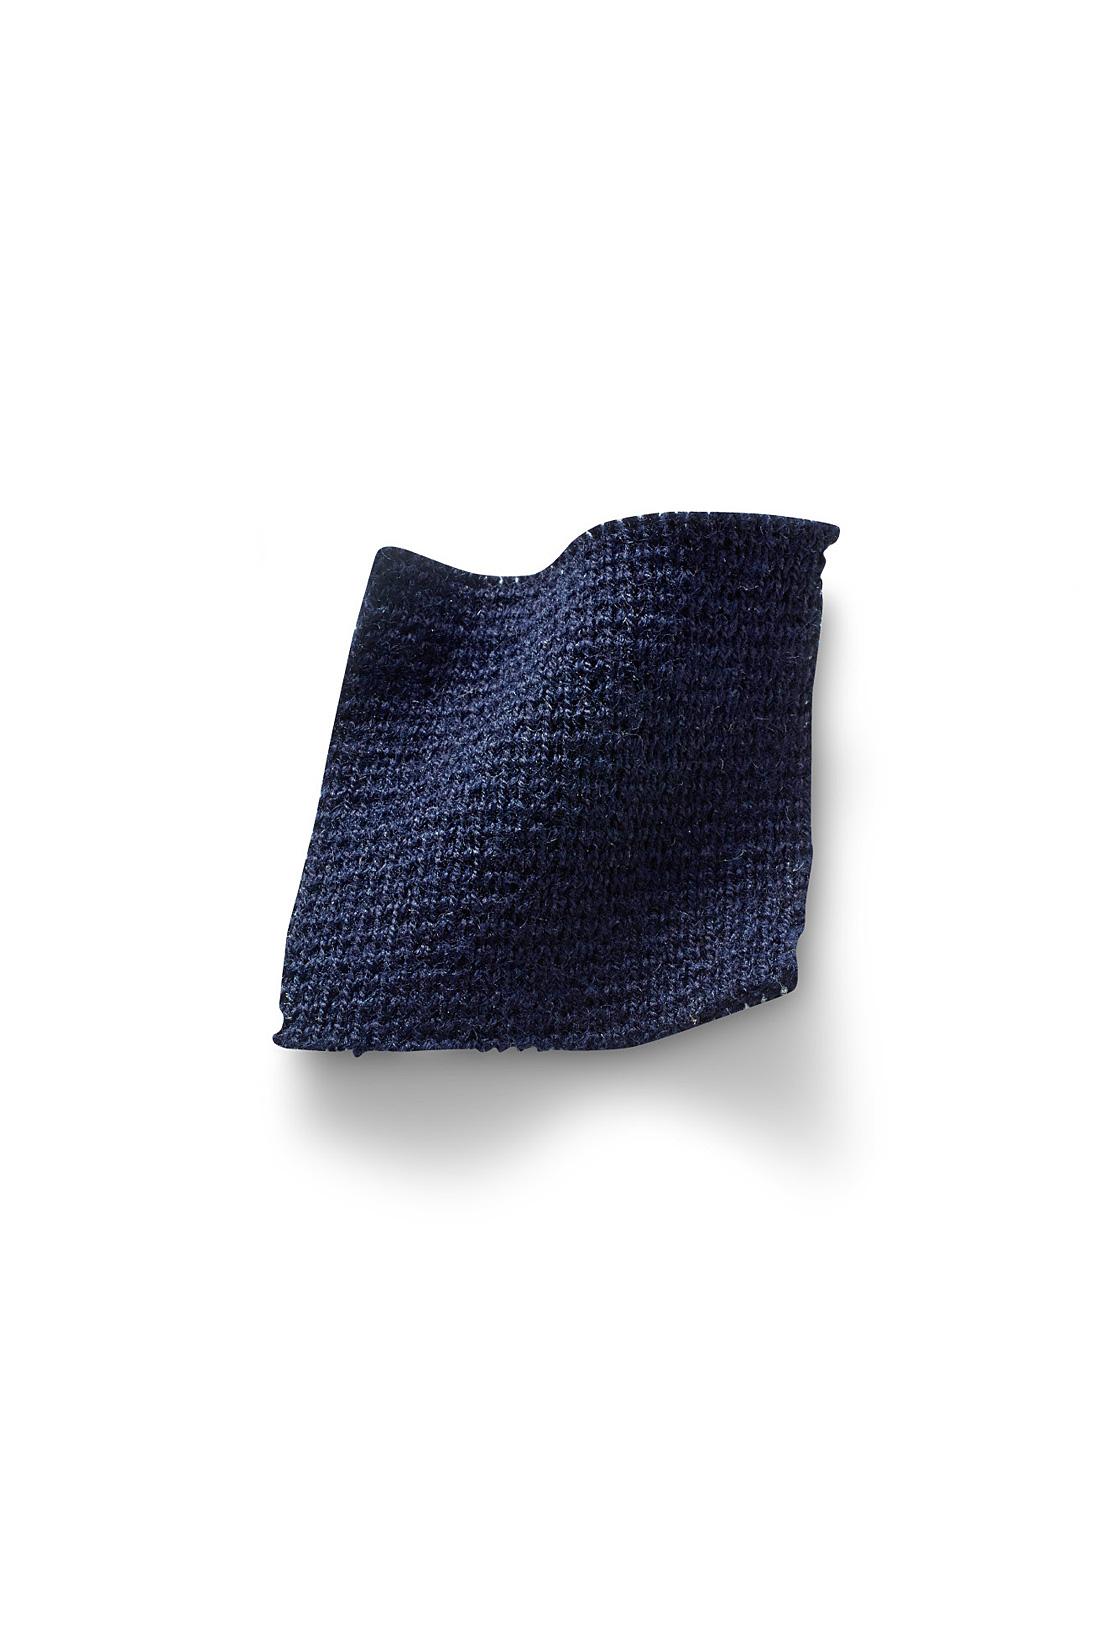 上品ミラノリブ編みできれいめ仕立て。